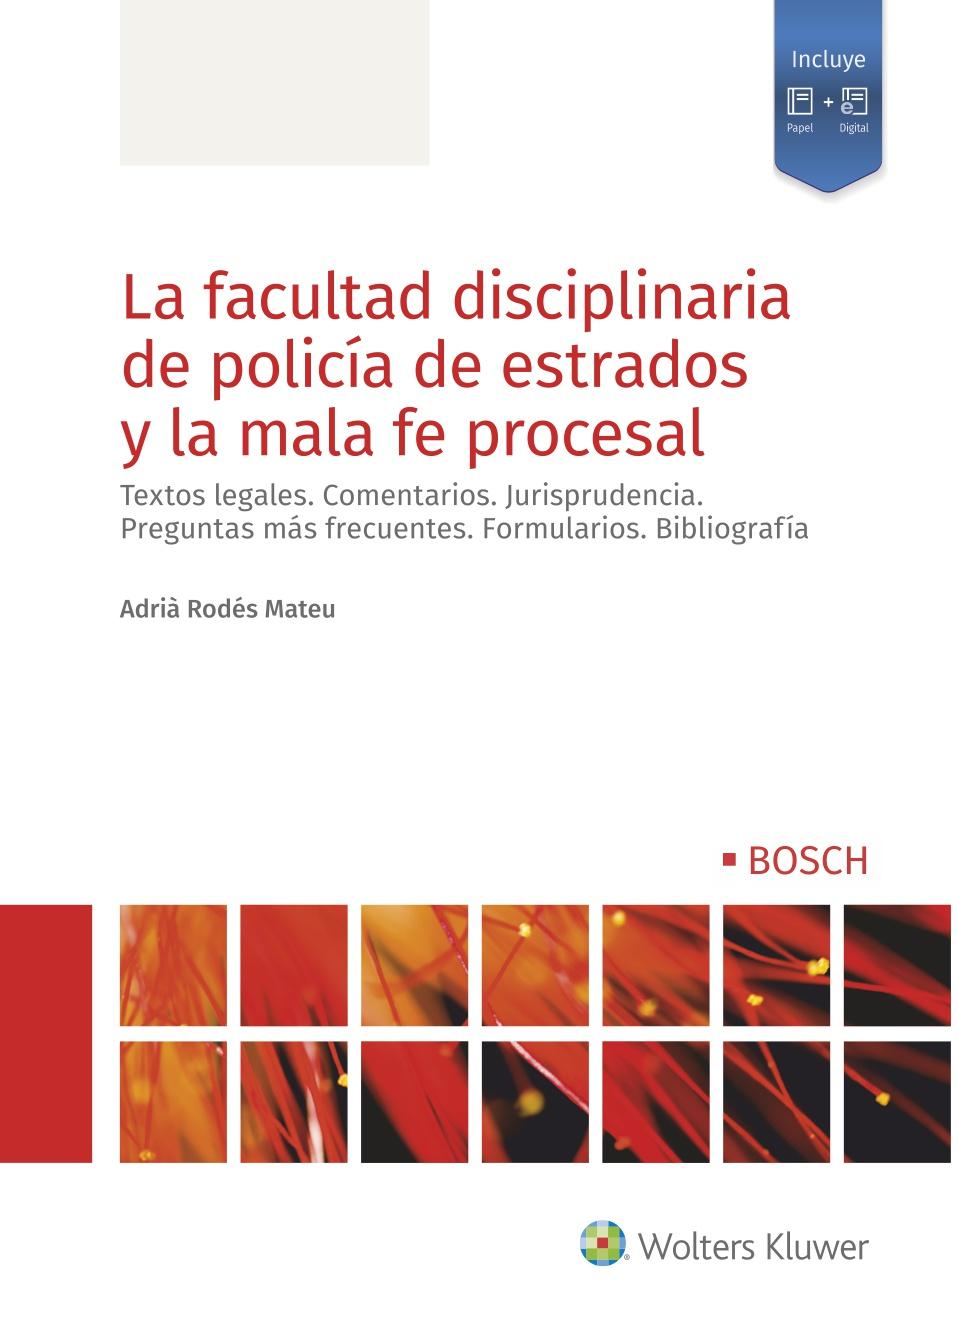 FACULTAD DISCIPLINARIA DE POLICIA DE ESTRADOS Y LA MALA FE PROCESAL